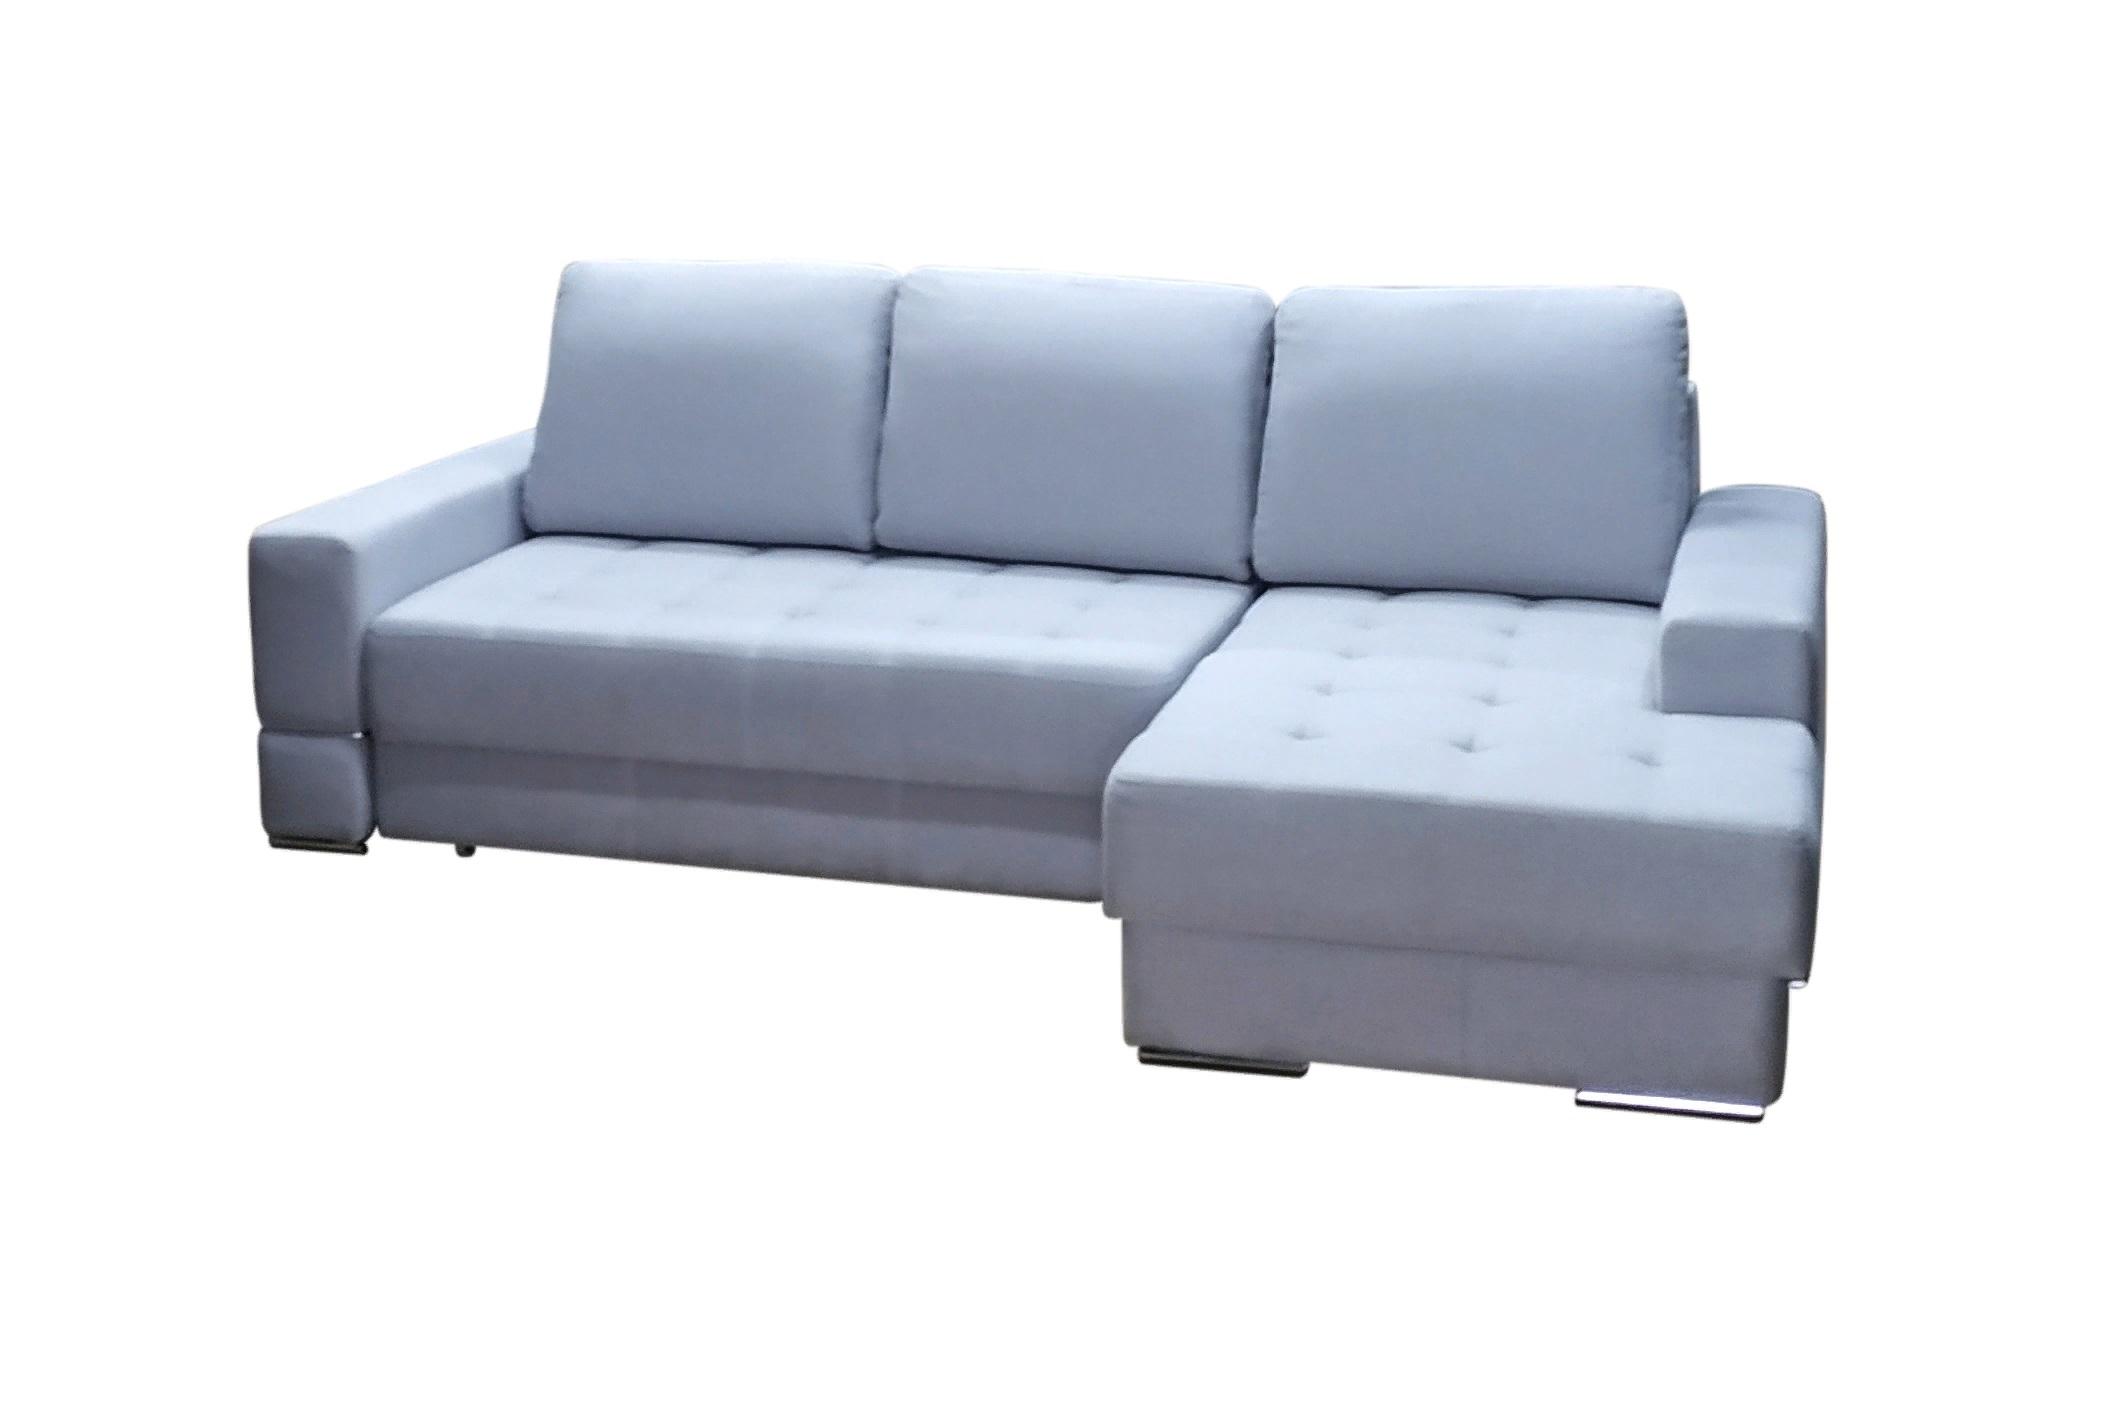 Угловой диван Матео л811 — Угловой диван Матео